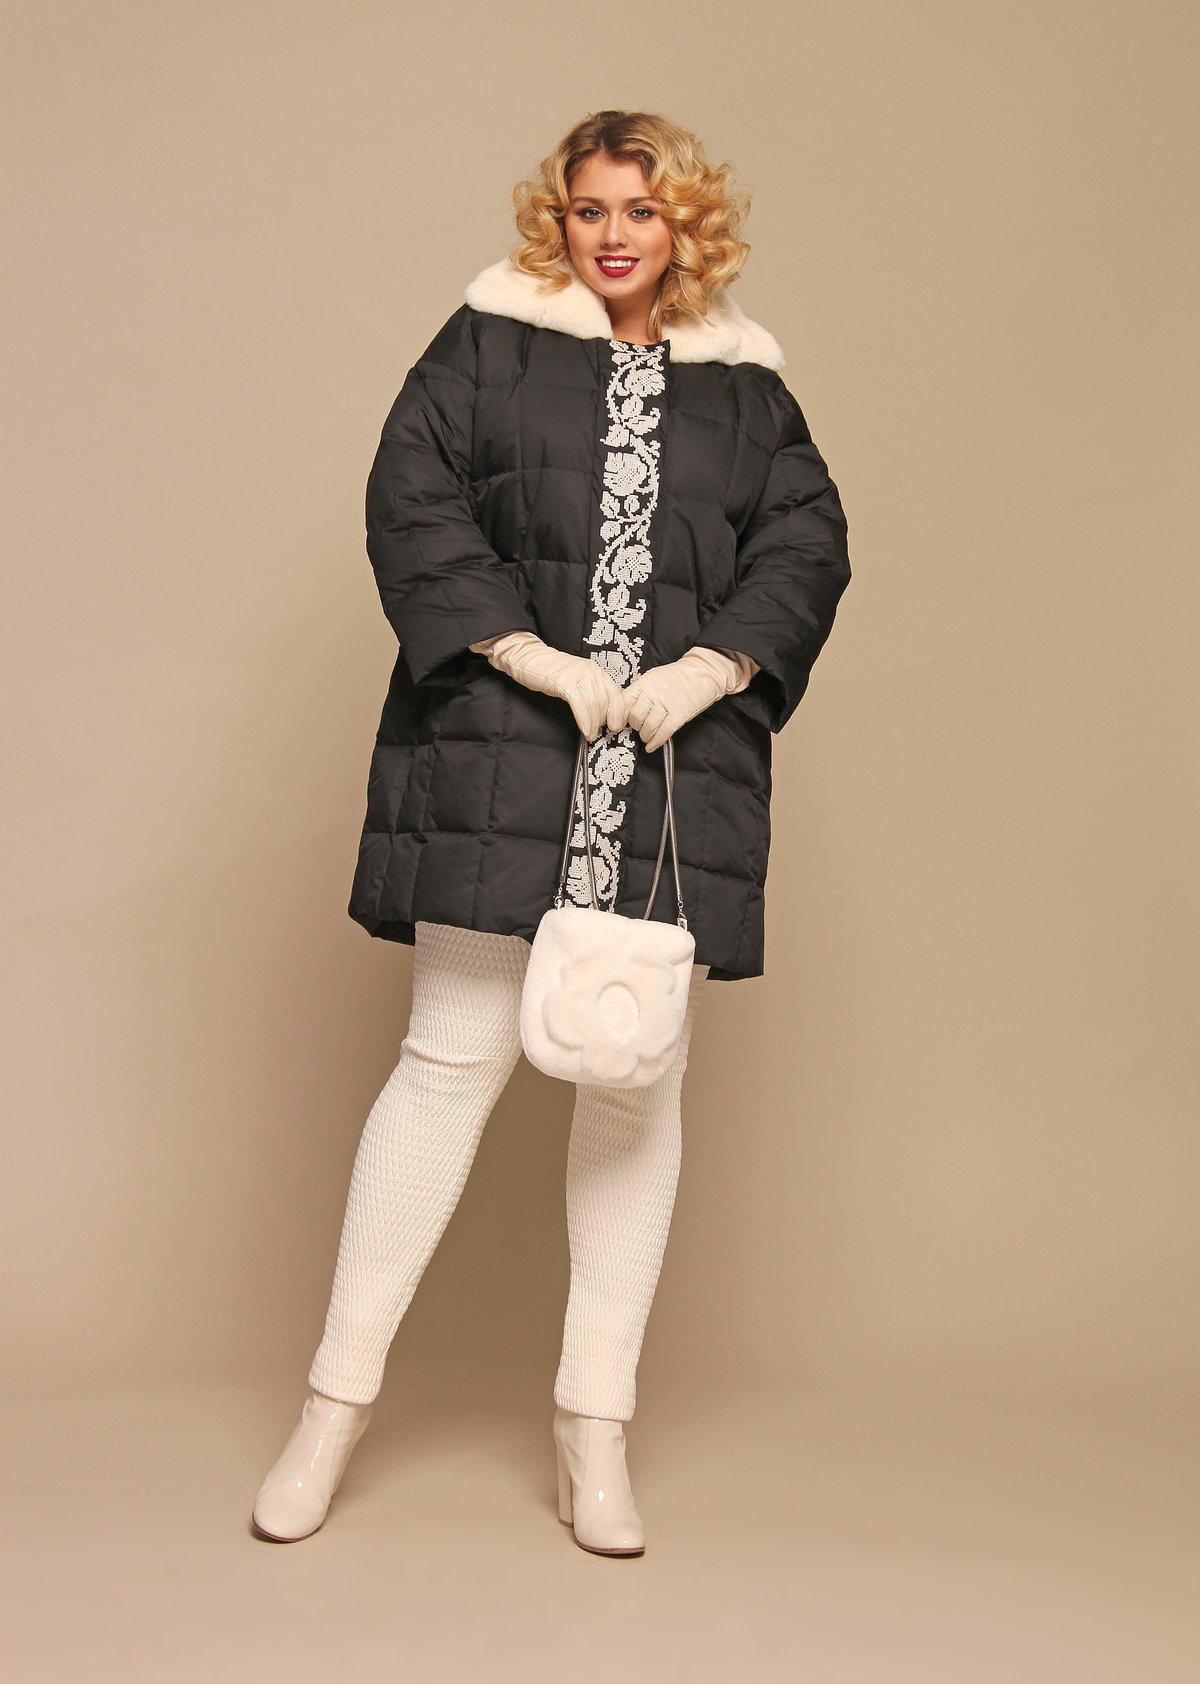 f6ee887673e Модный образ для полной женщины в темном пуховике» — карточка ...